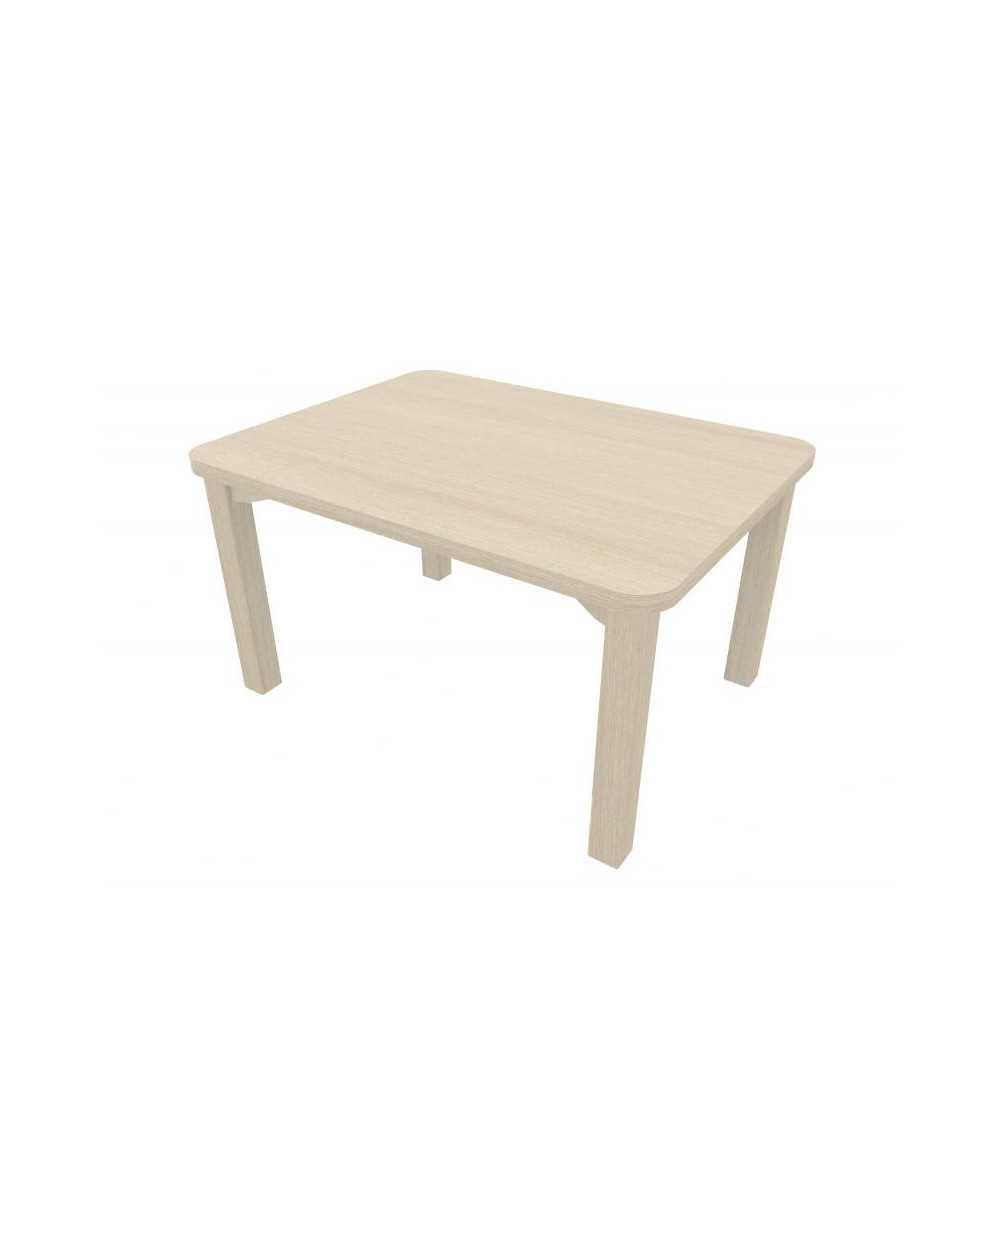 Table de salon, 60 x 80 x 45 cm, chêne grisé.